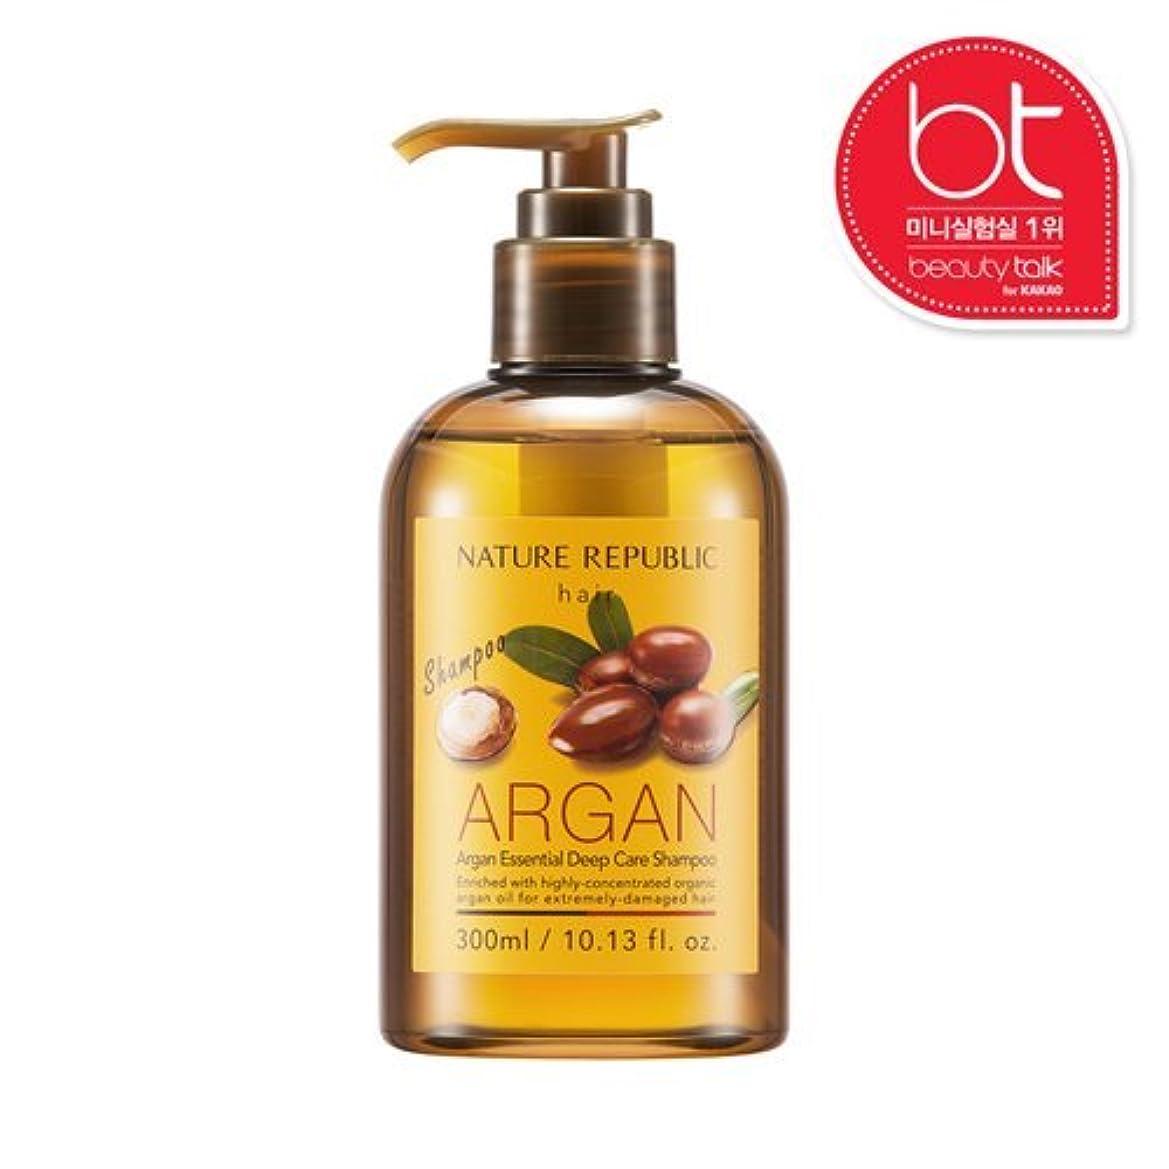 松明ハンマーどのくらいの頻度で(NATURE REPUBLIC ネイチャーリパブリック) ARGAN Essential Deep Care Shampoo アルガン エッセンシャル ディープ ケア シャンプー